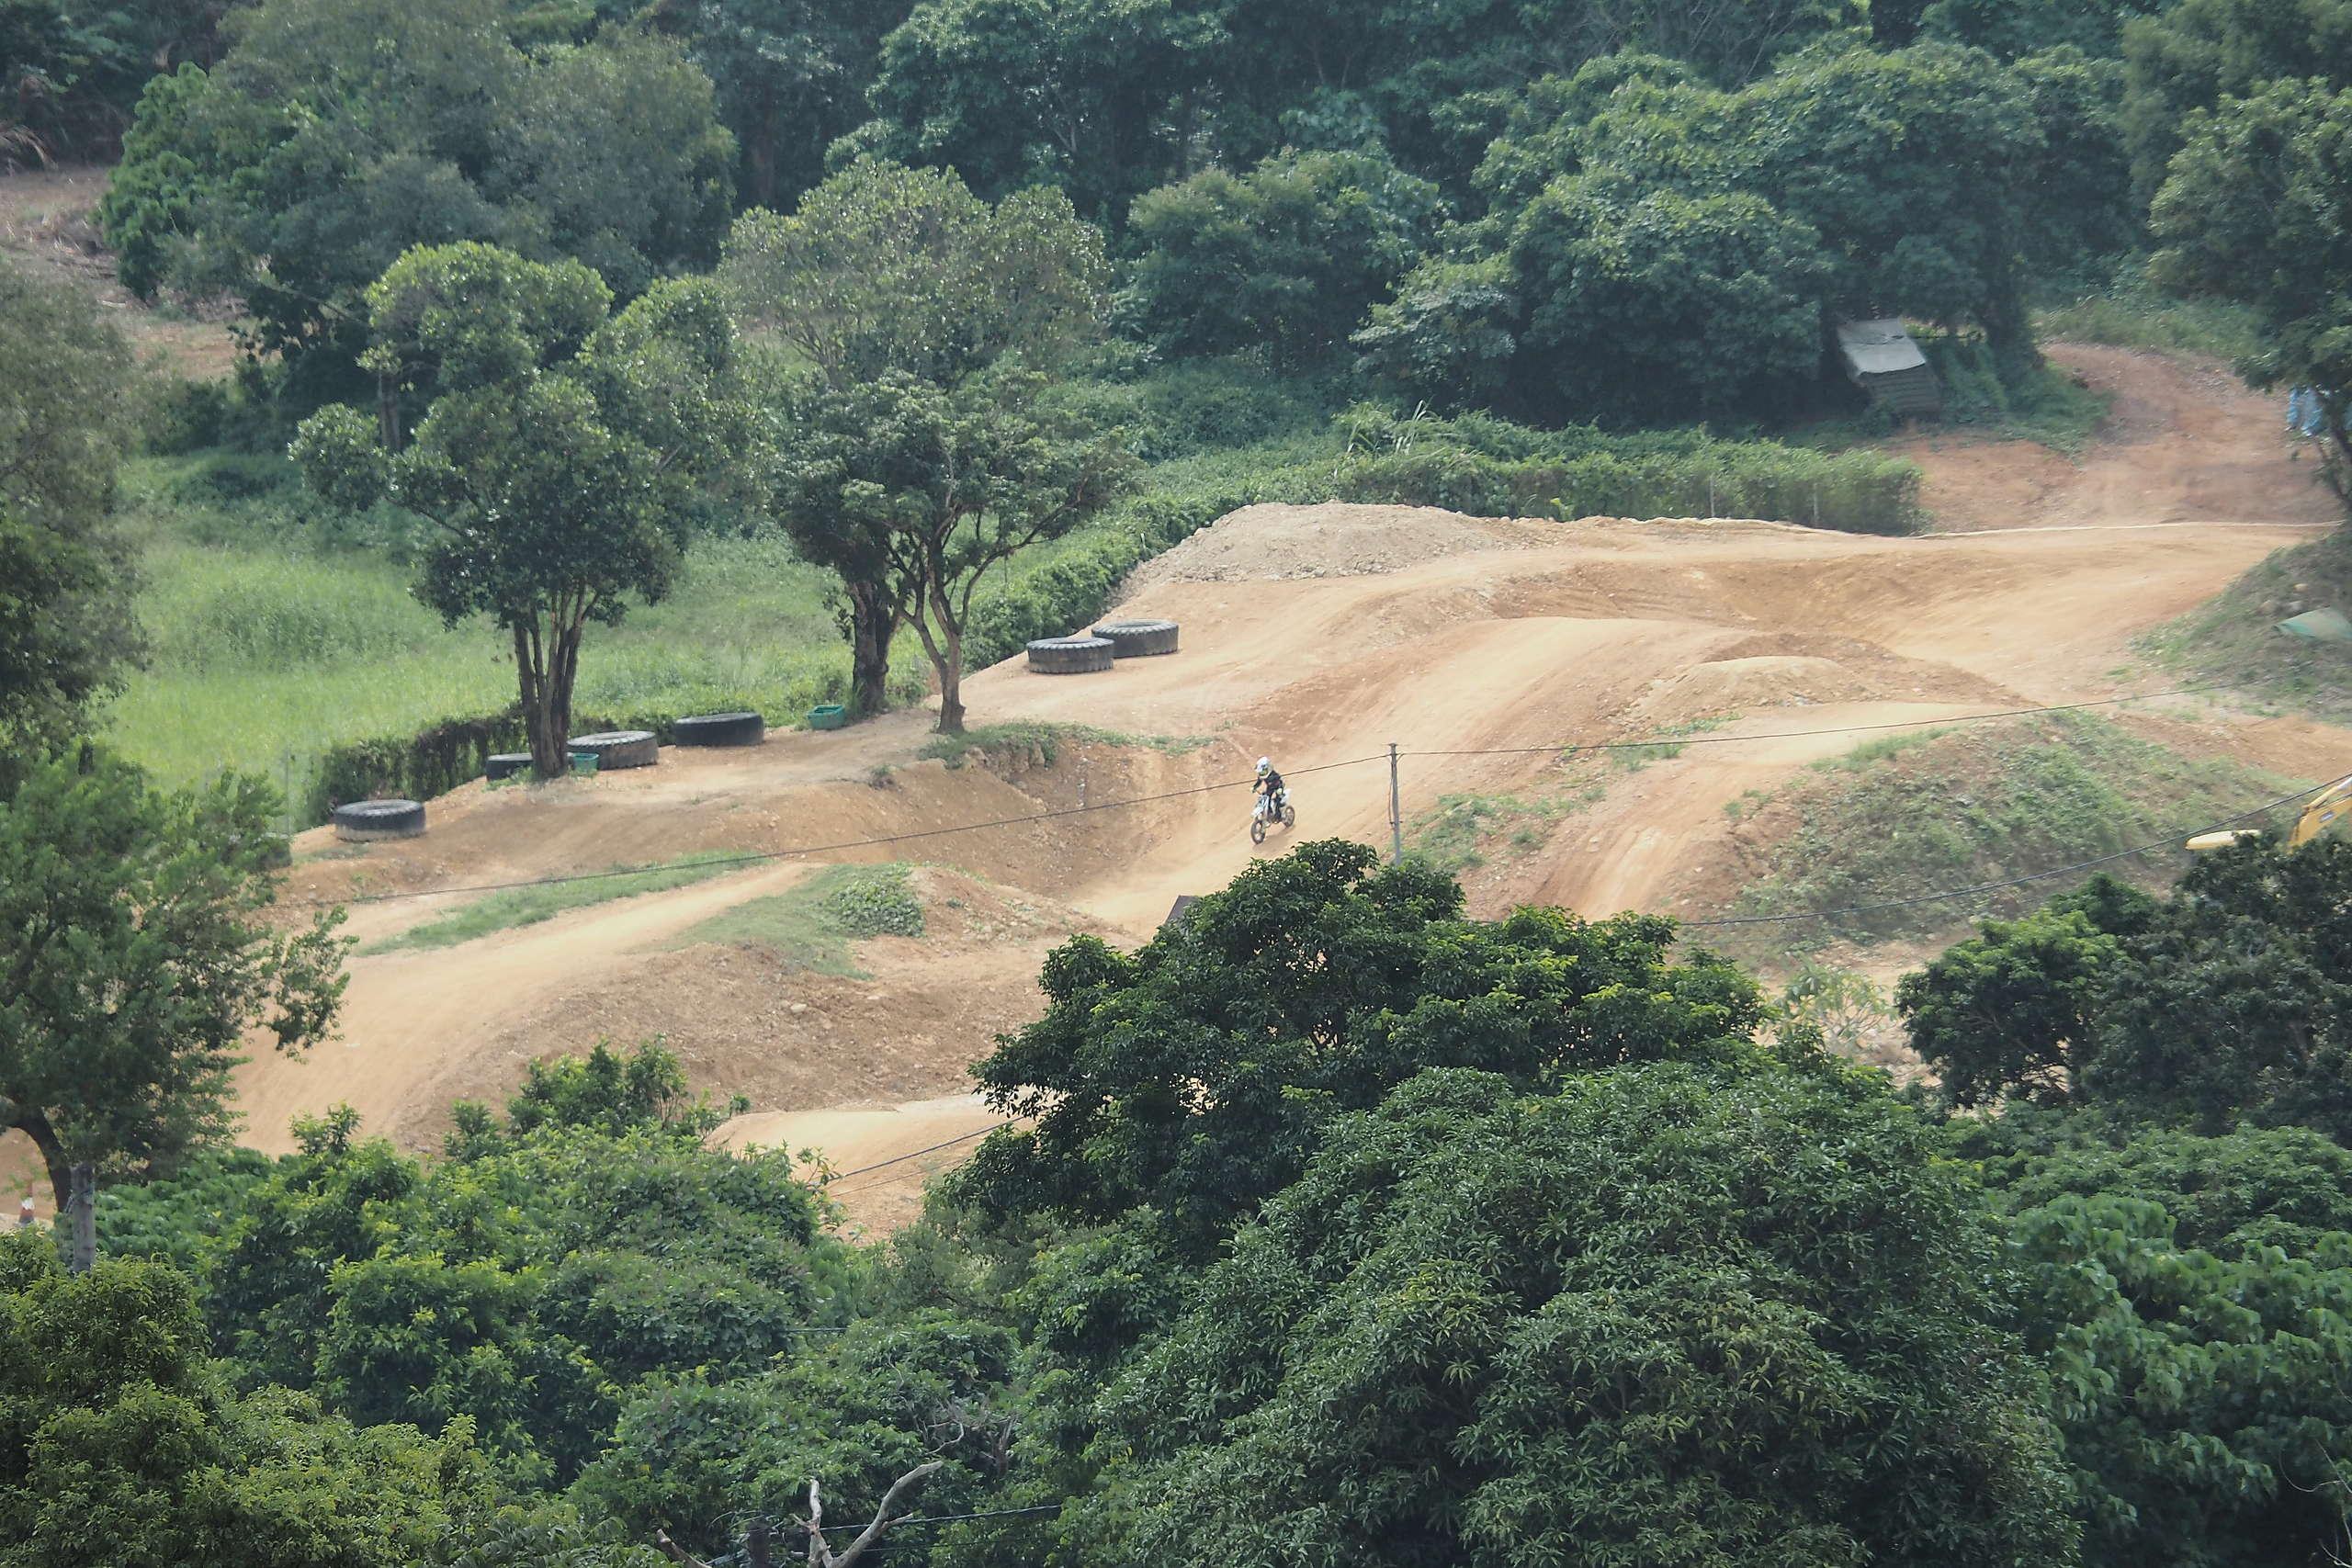 登山期間能俯瞰私人越野電單車場MX Club。© 香港山女